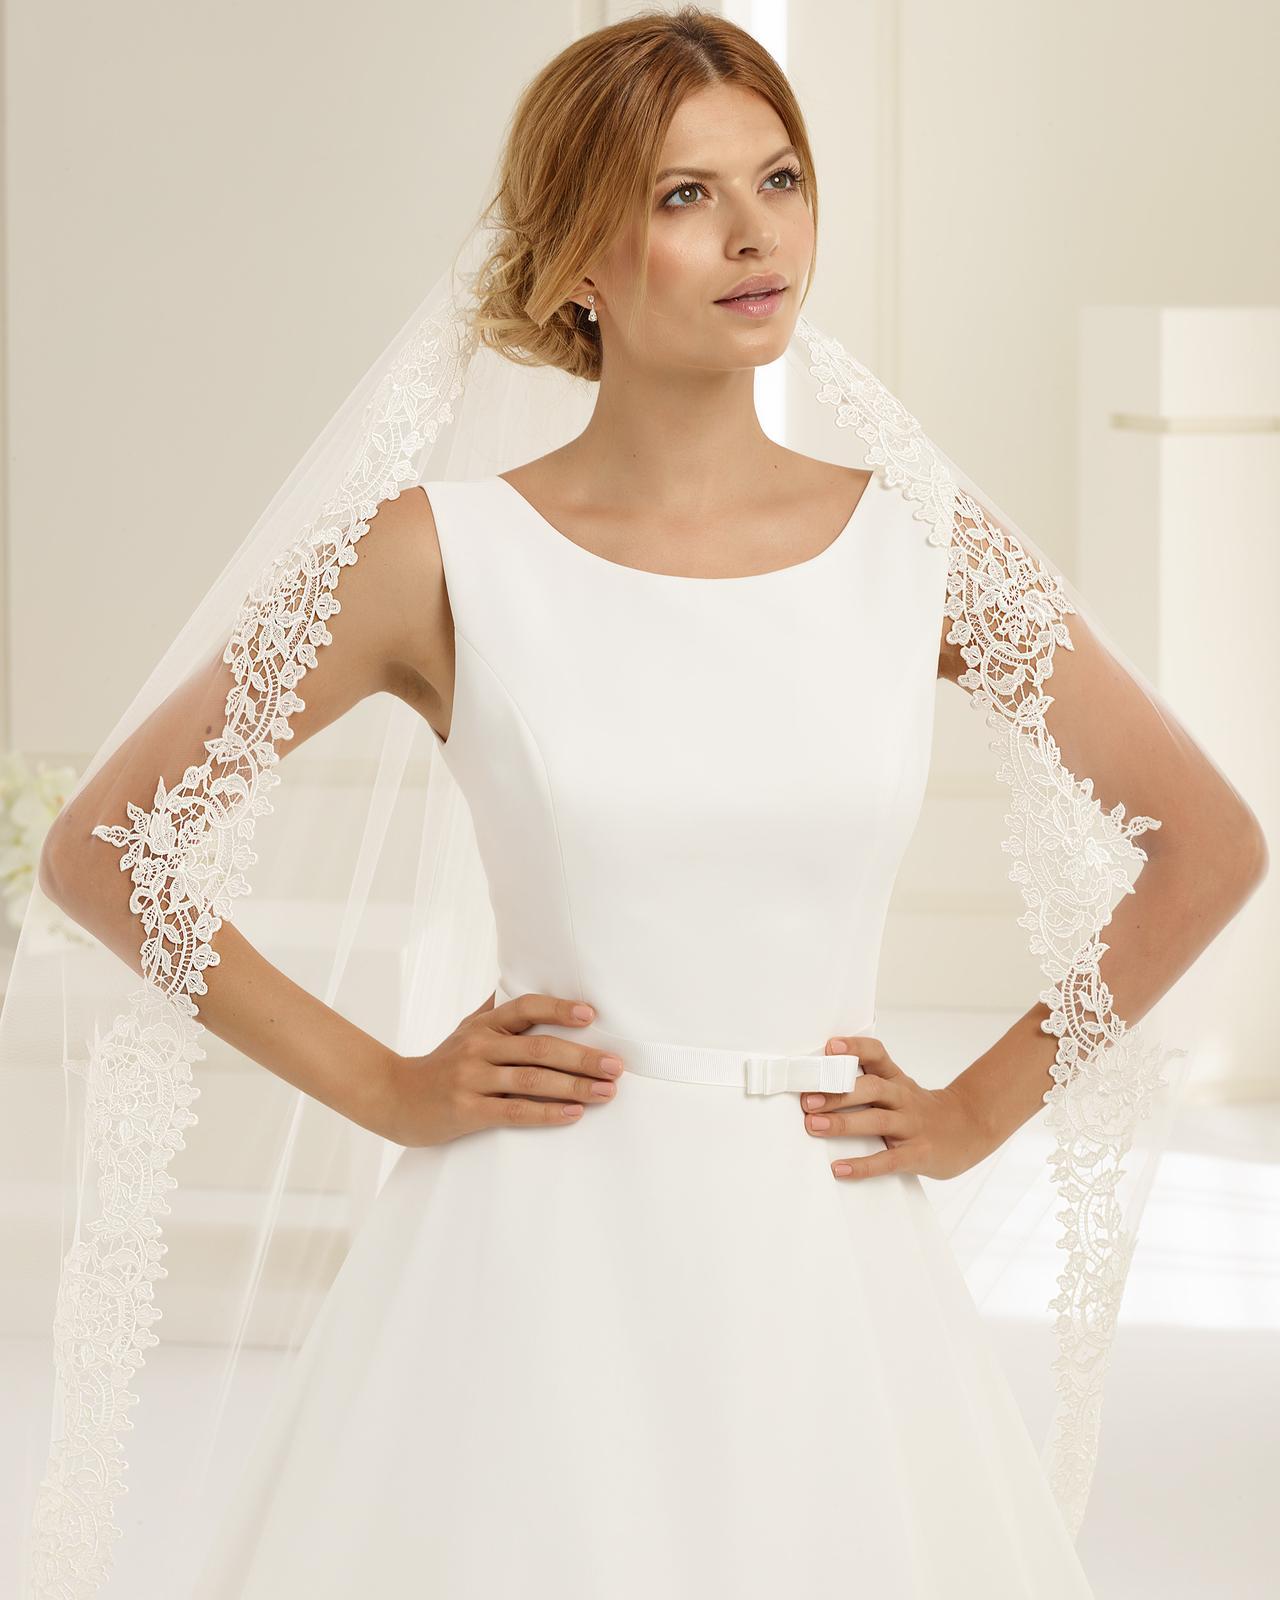 Svatební šaty k prodeji již od  9900,-Kč - Imperia